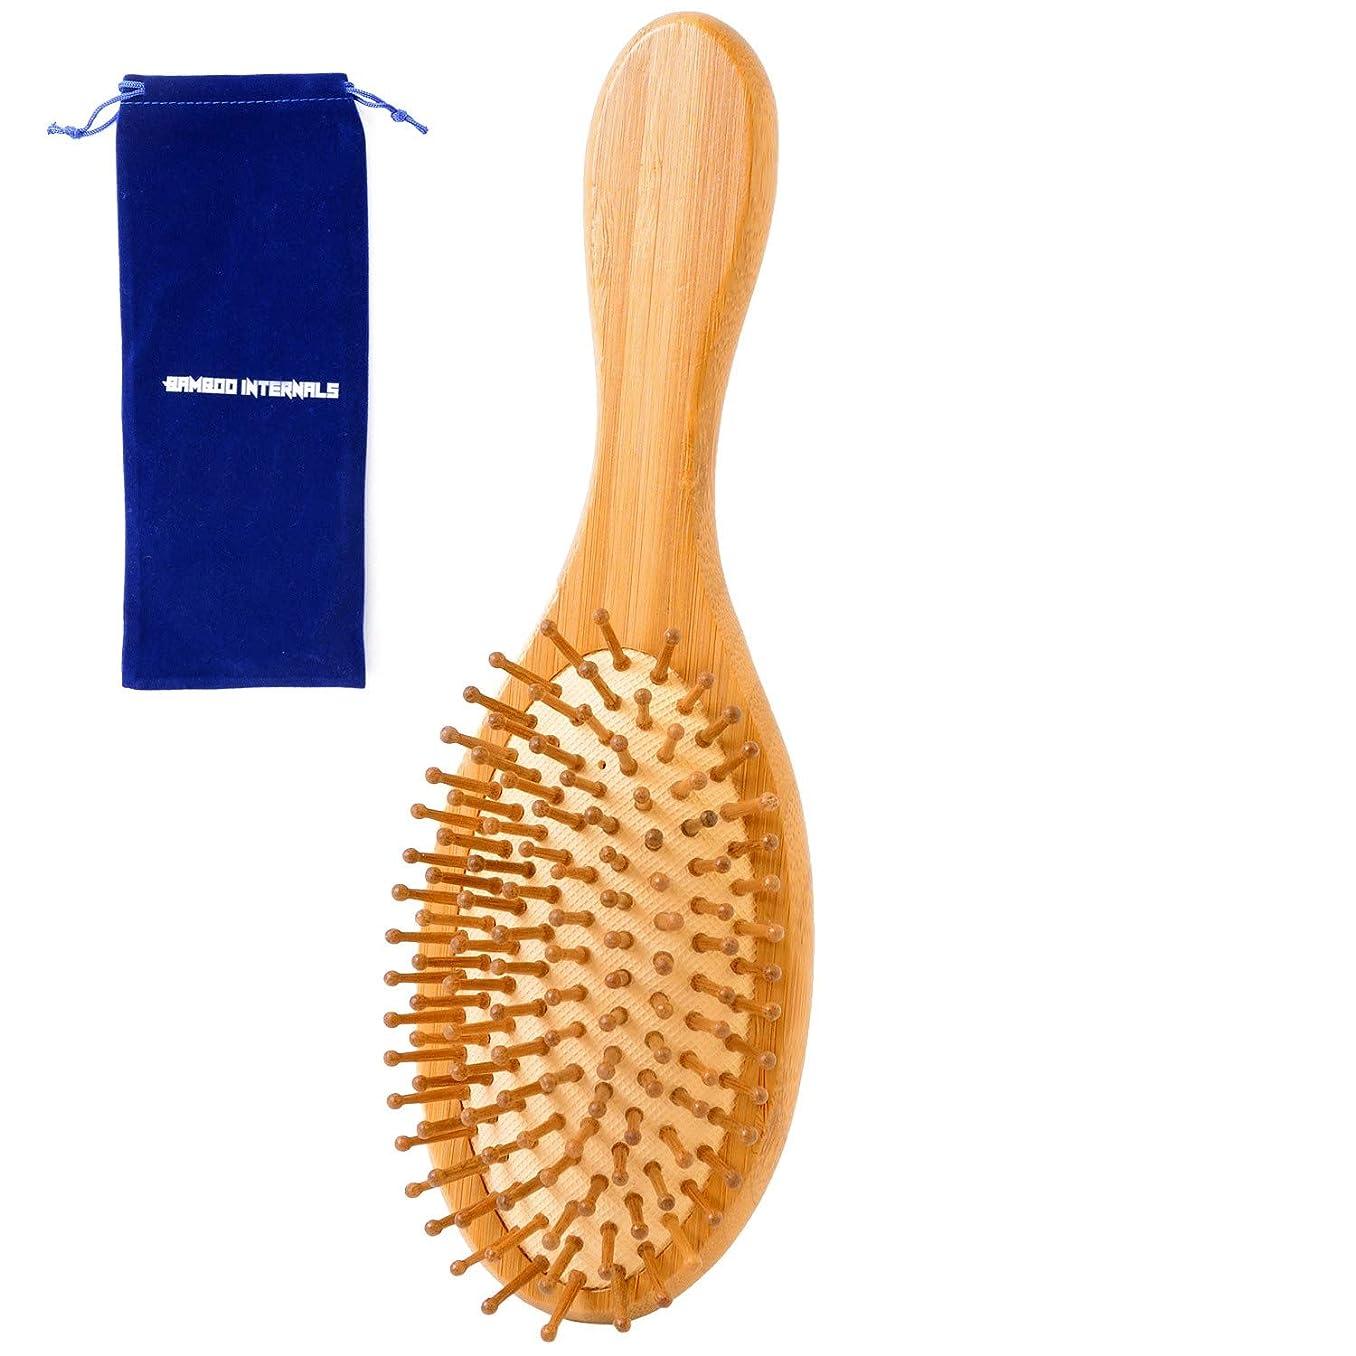 一目はいゴミ《Bamboo Internals》 ヘアブラシ だ円型 クッションブラシ ヘアケア 頭皮マッサージ 血行促進 美髪ケア 天然素材 おしゃれ かわいい 木製 竹製 交換ピン付き 収納袋付き